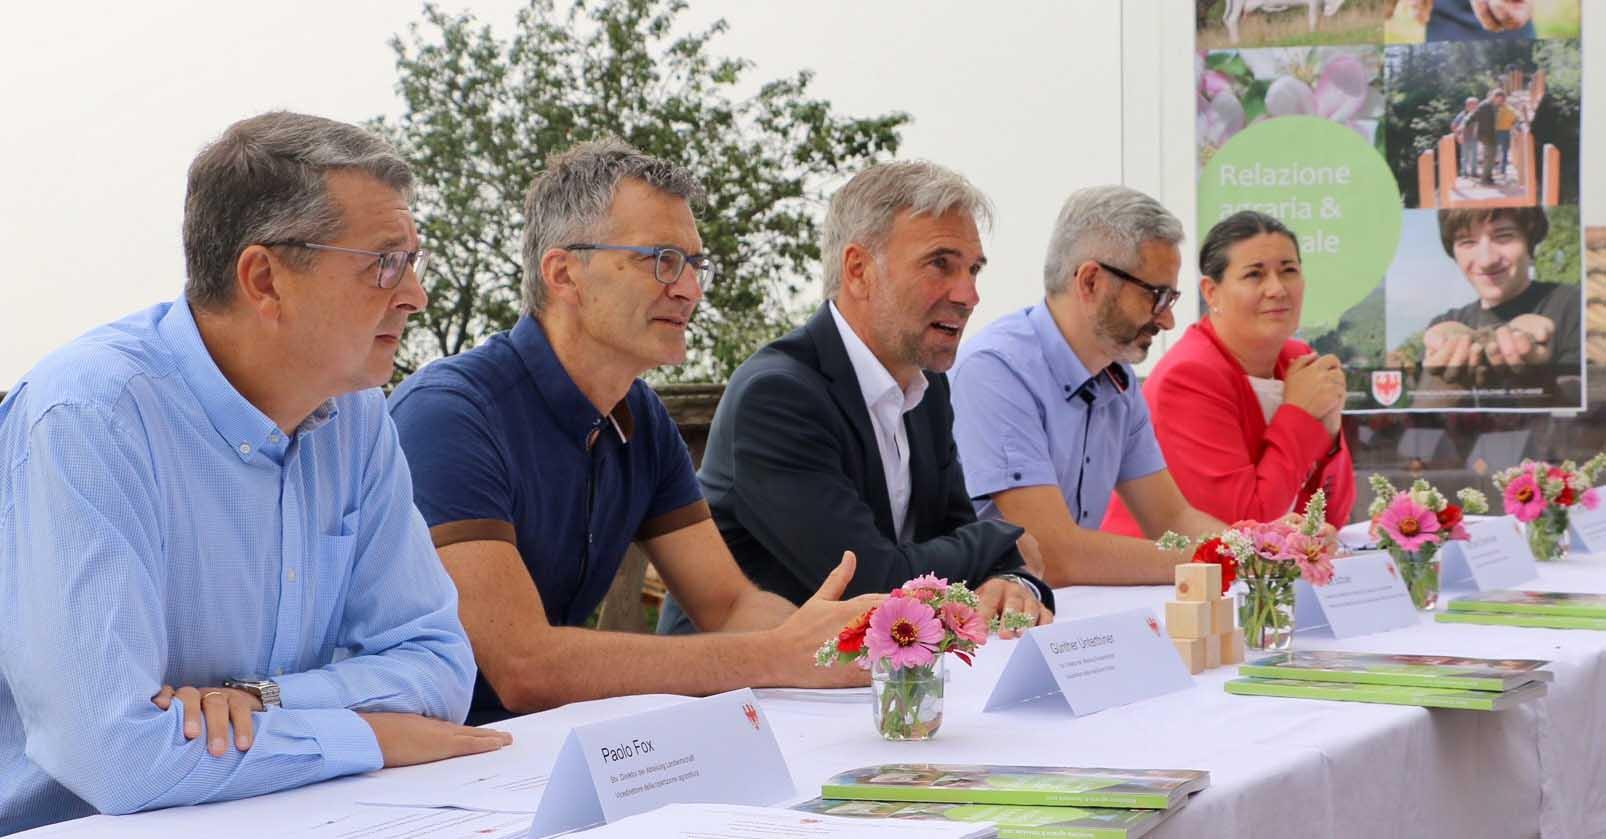 Schuler al centro con i dirigenti da sx Fox agricoltura Unterthiner foreste Oberhuber Centro Laimburg Aondio formazione professionale agricola